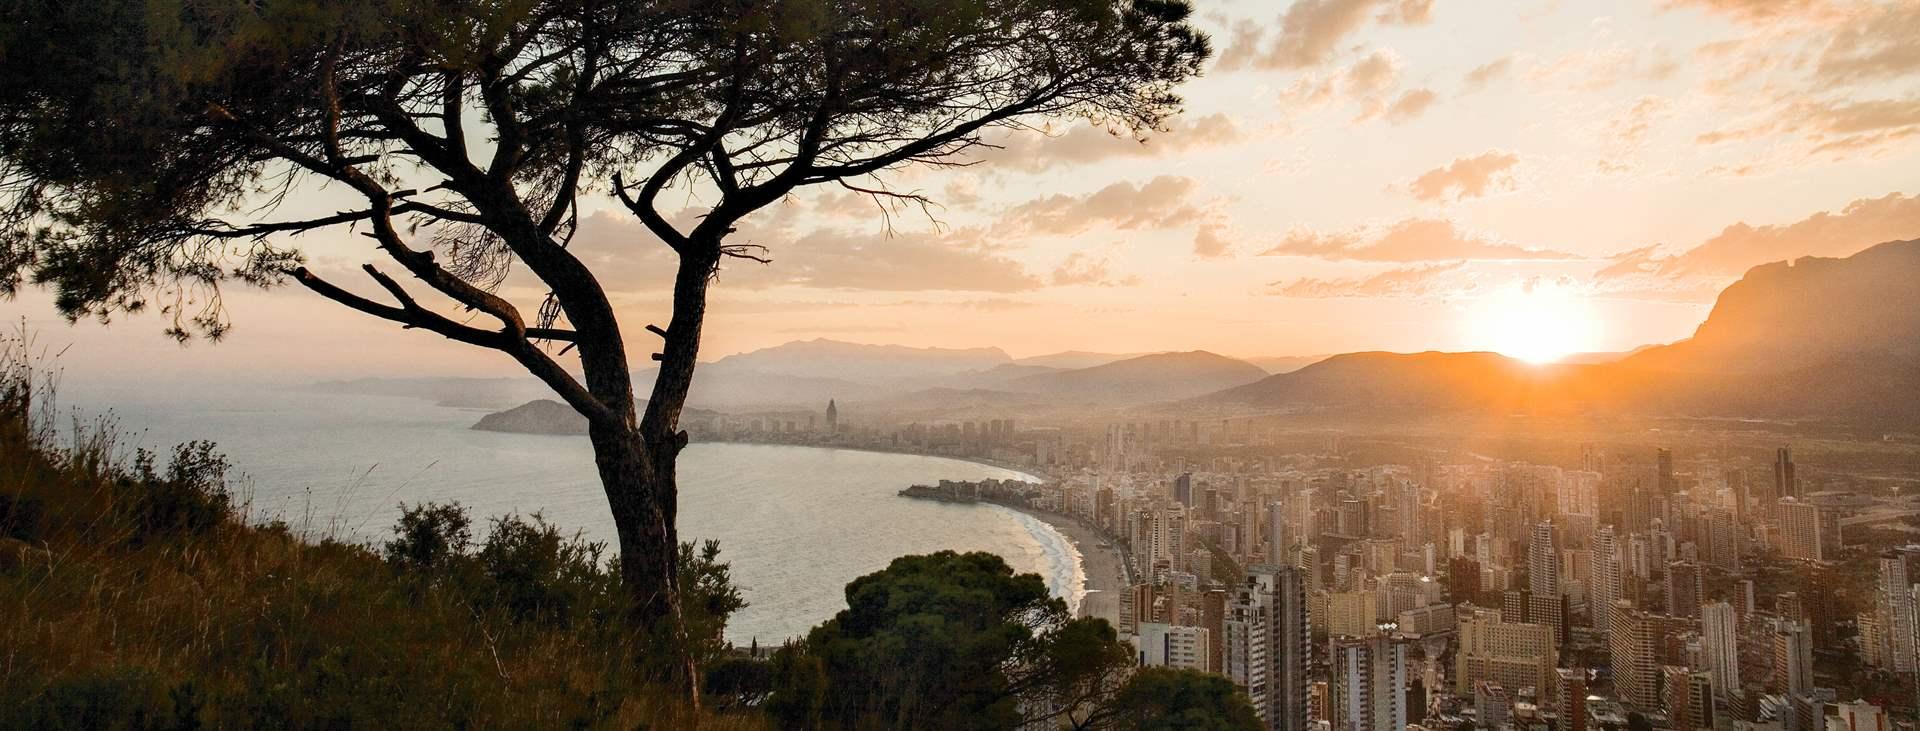 Boka en resa till Benidorm i Spanien med Ving